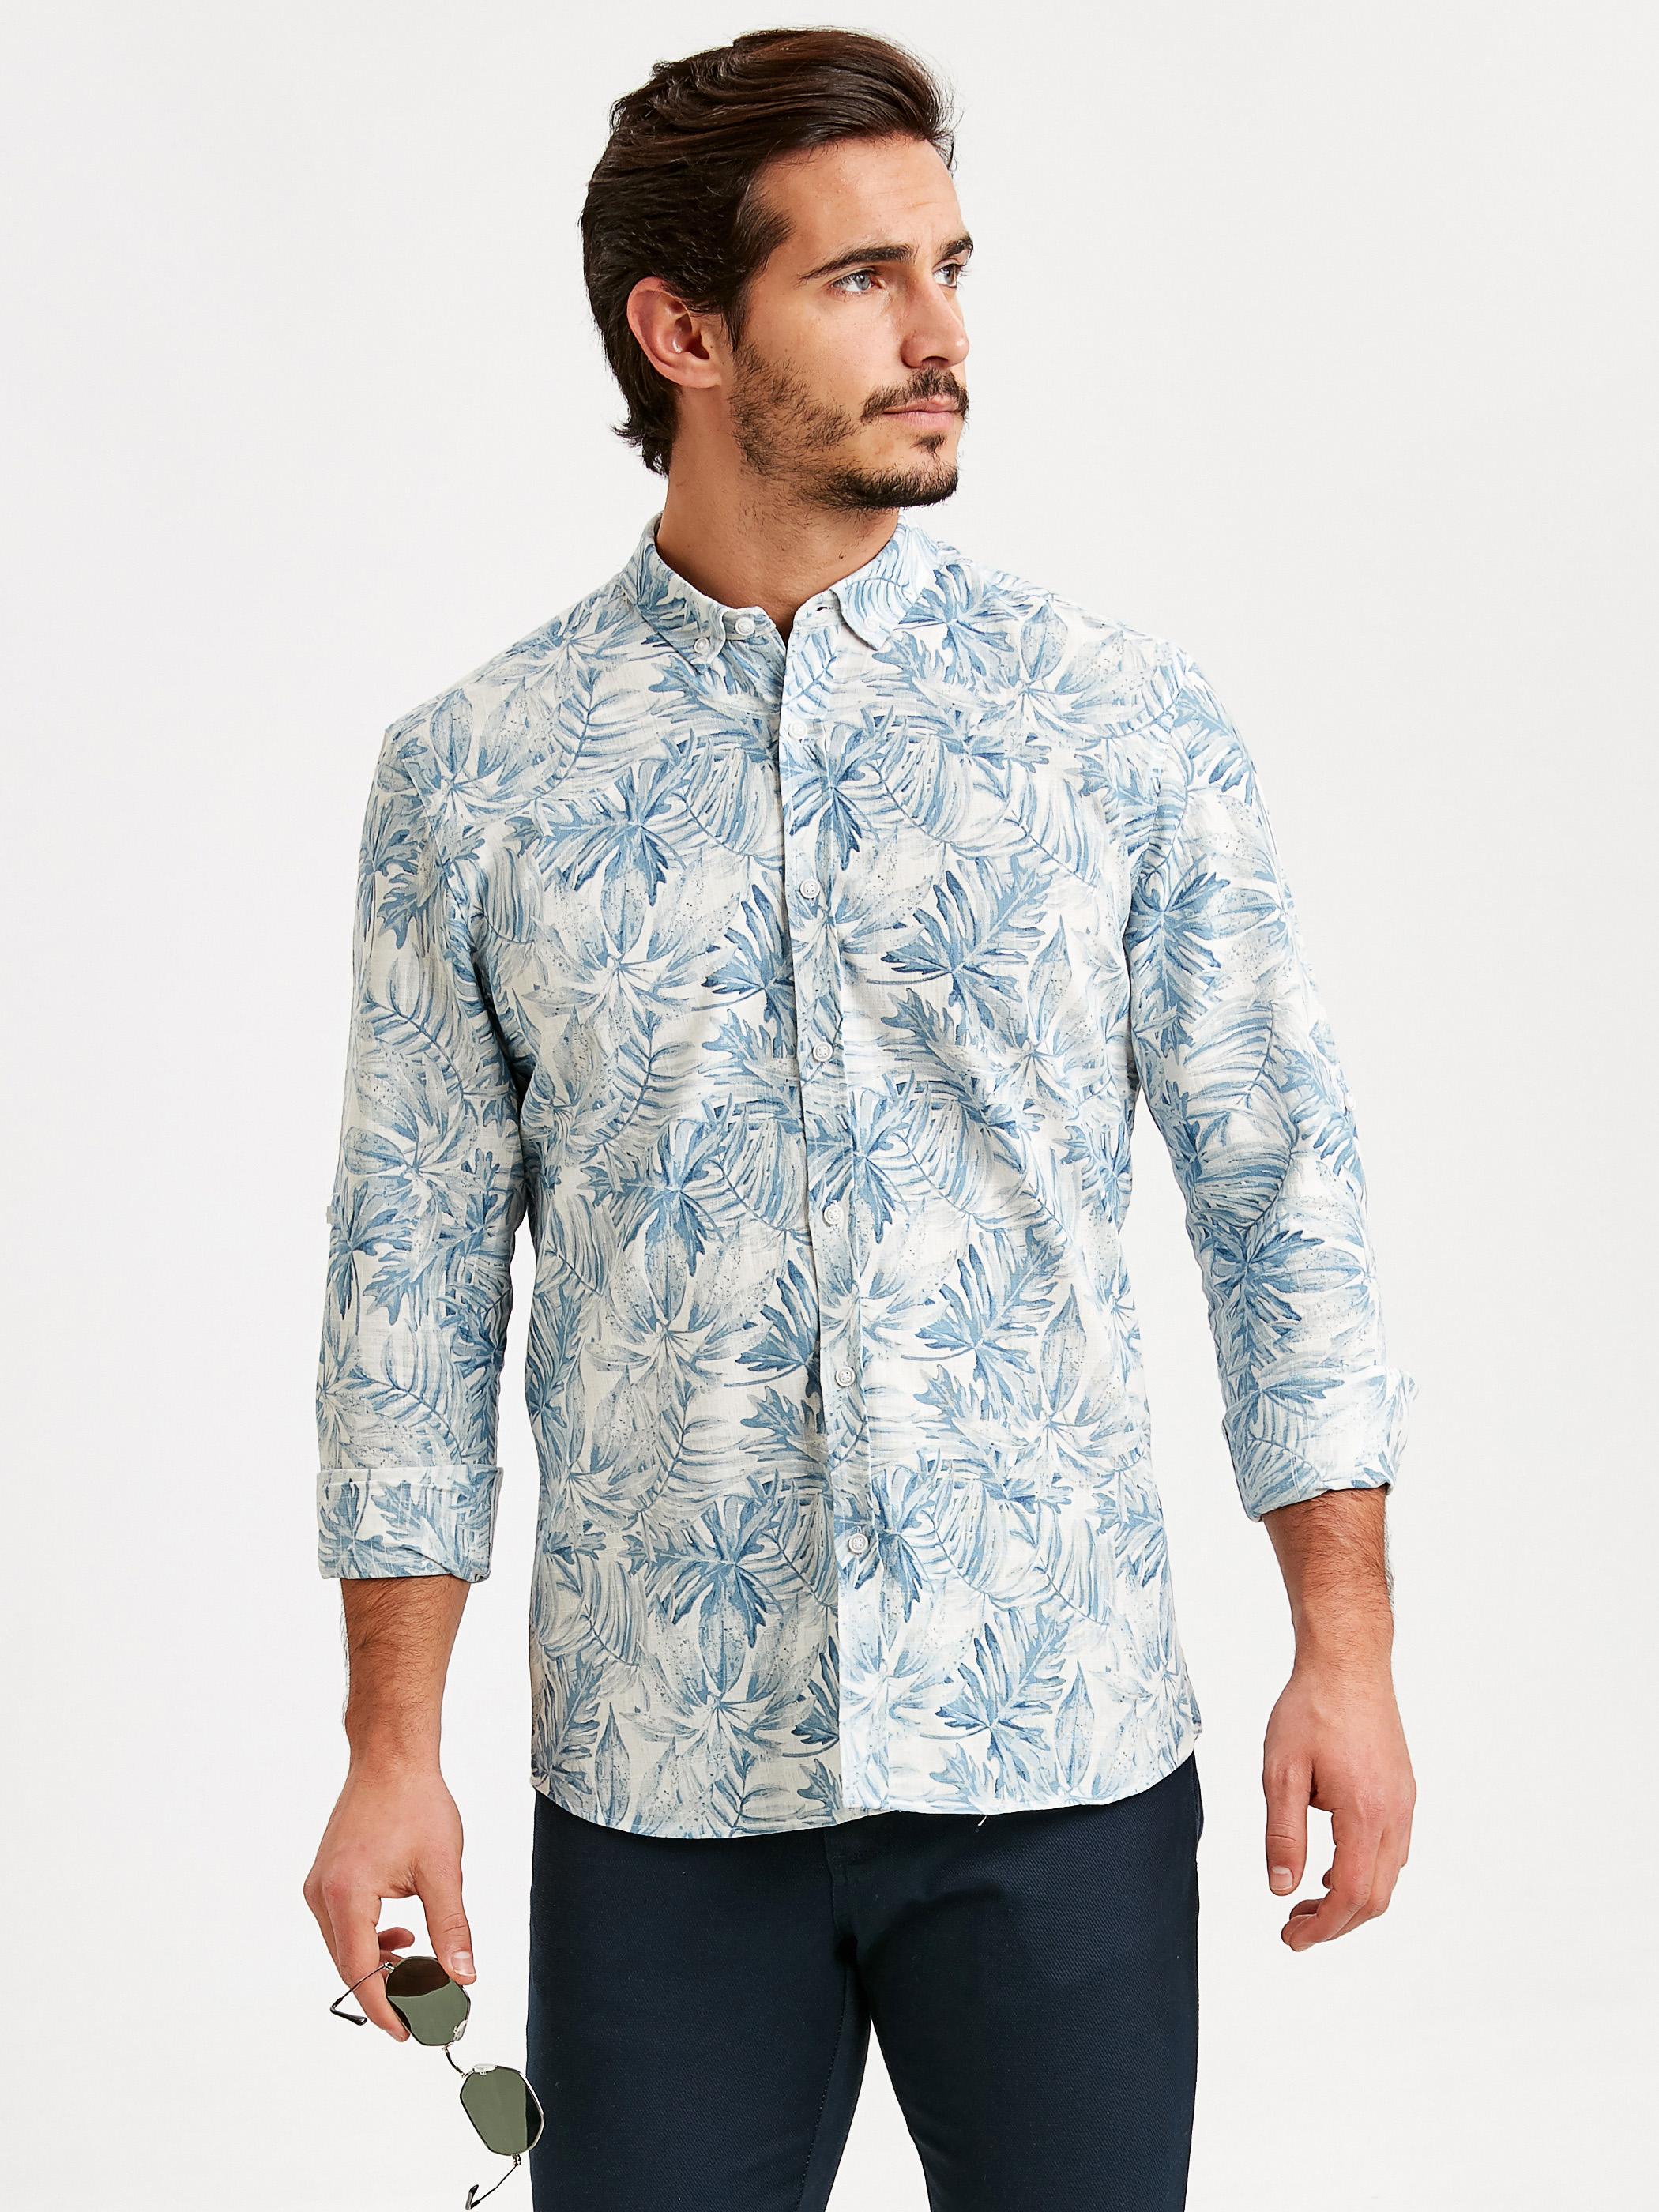 Extra Slim Fit Uzun Kollu Çiçek Baskılı Poplin Gömlek -9SK561Z8-LQQ